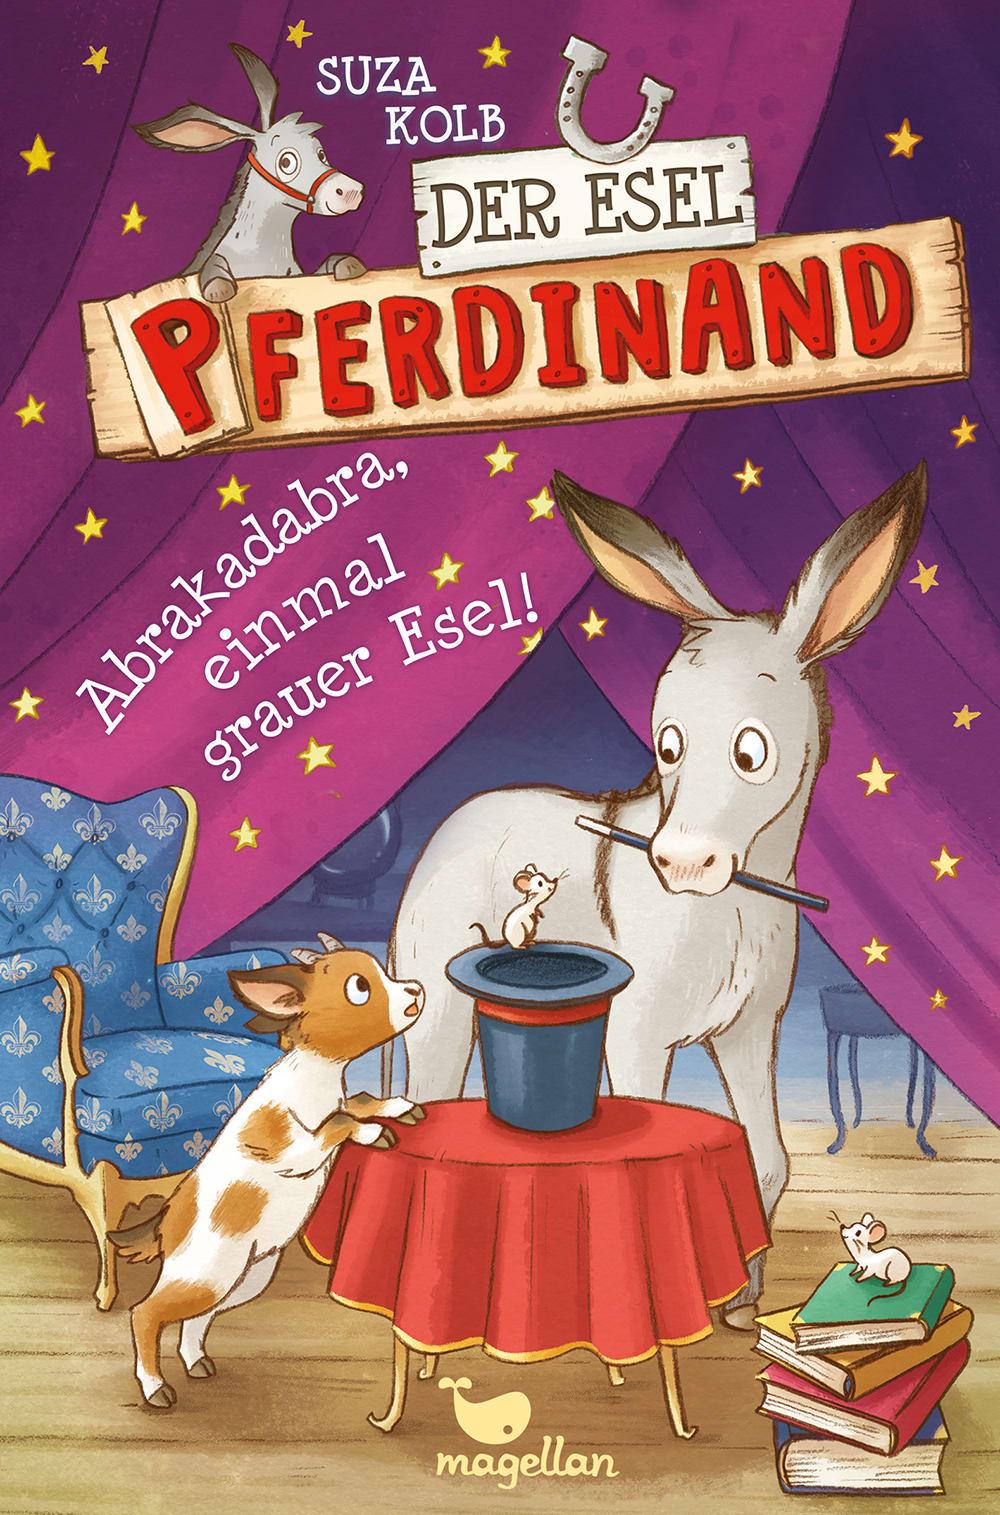 Der Esel Pferdinand - Abrakadabra, einmal grauer Esel!